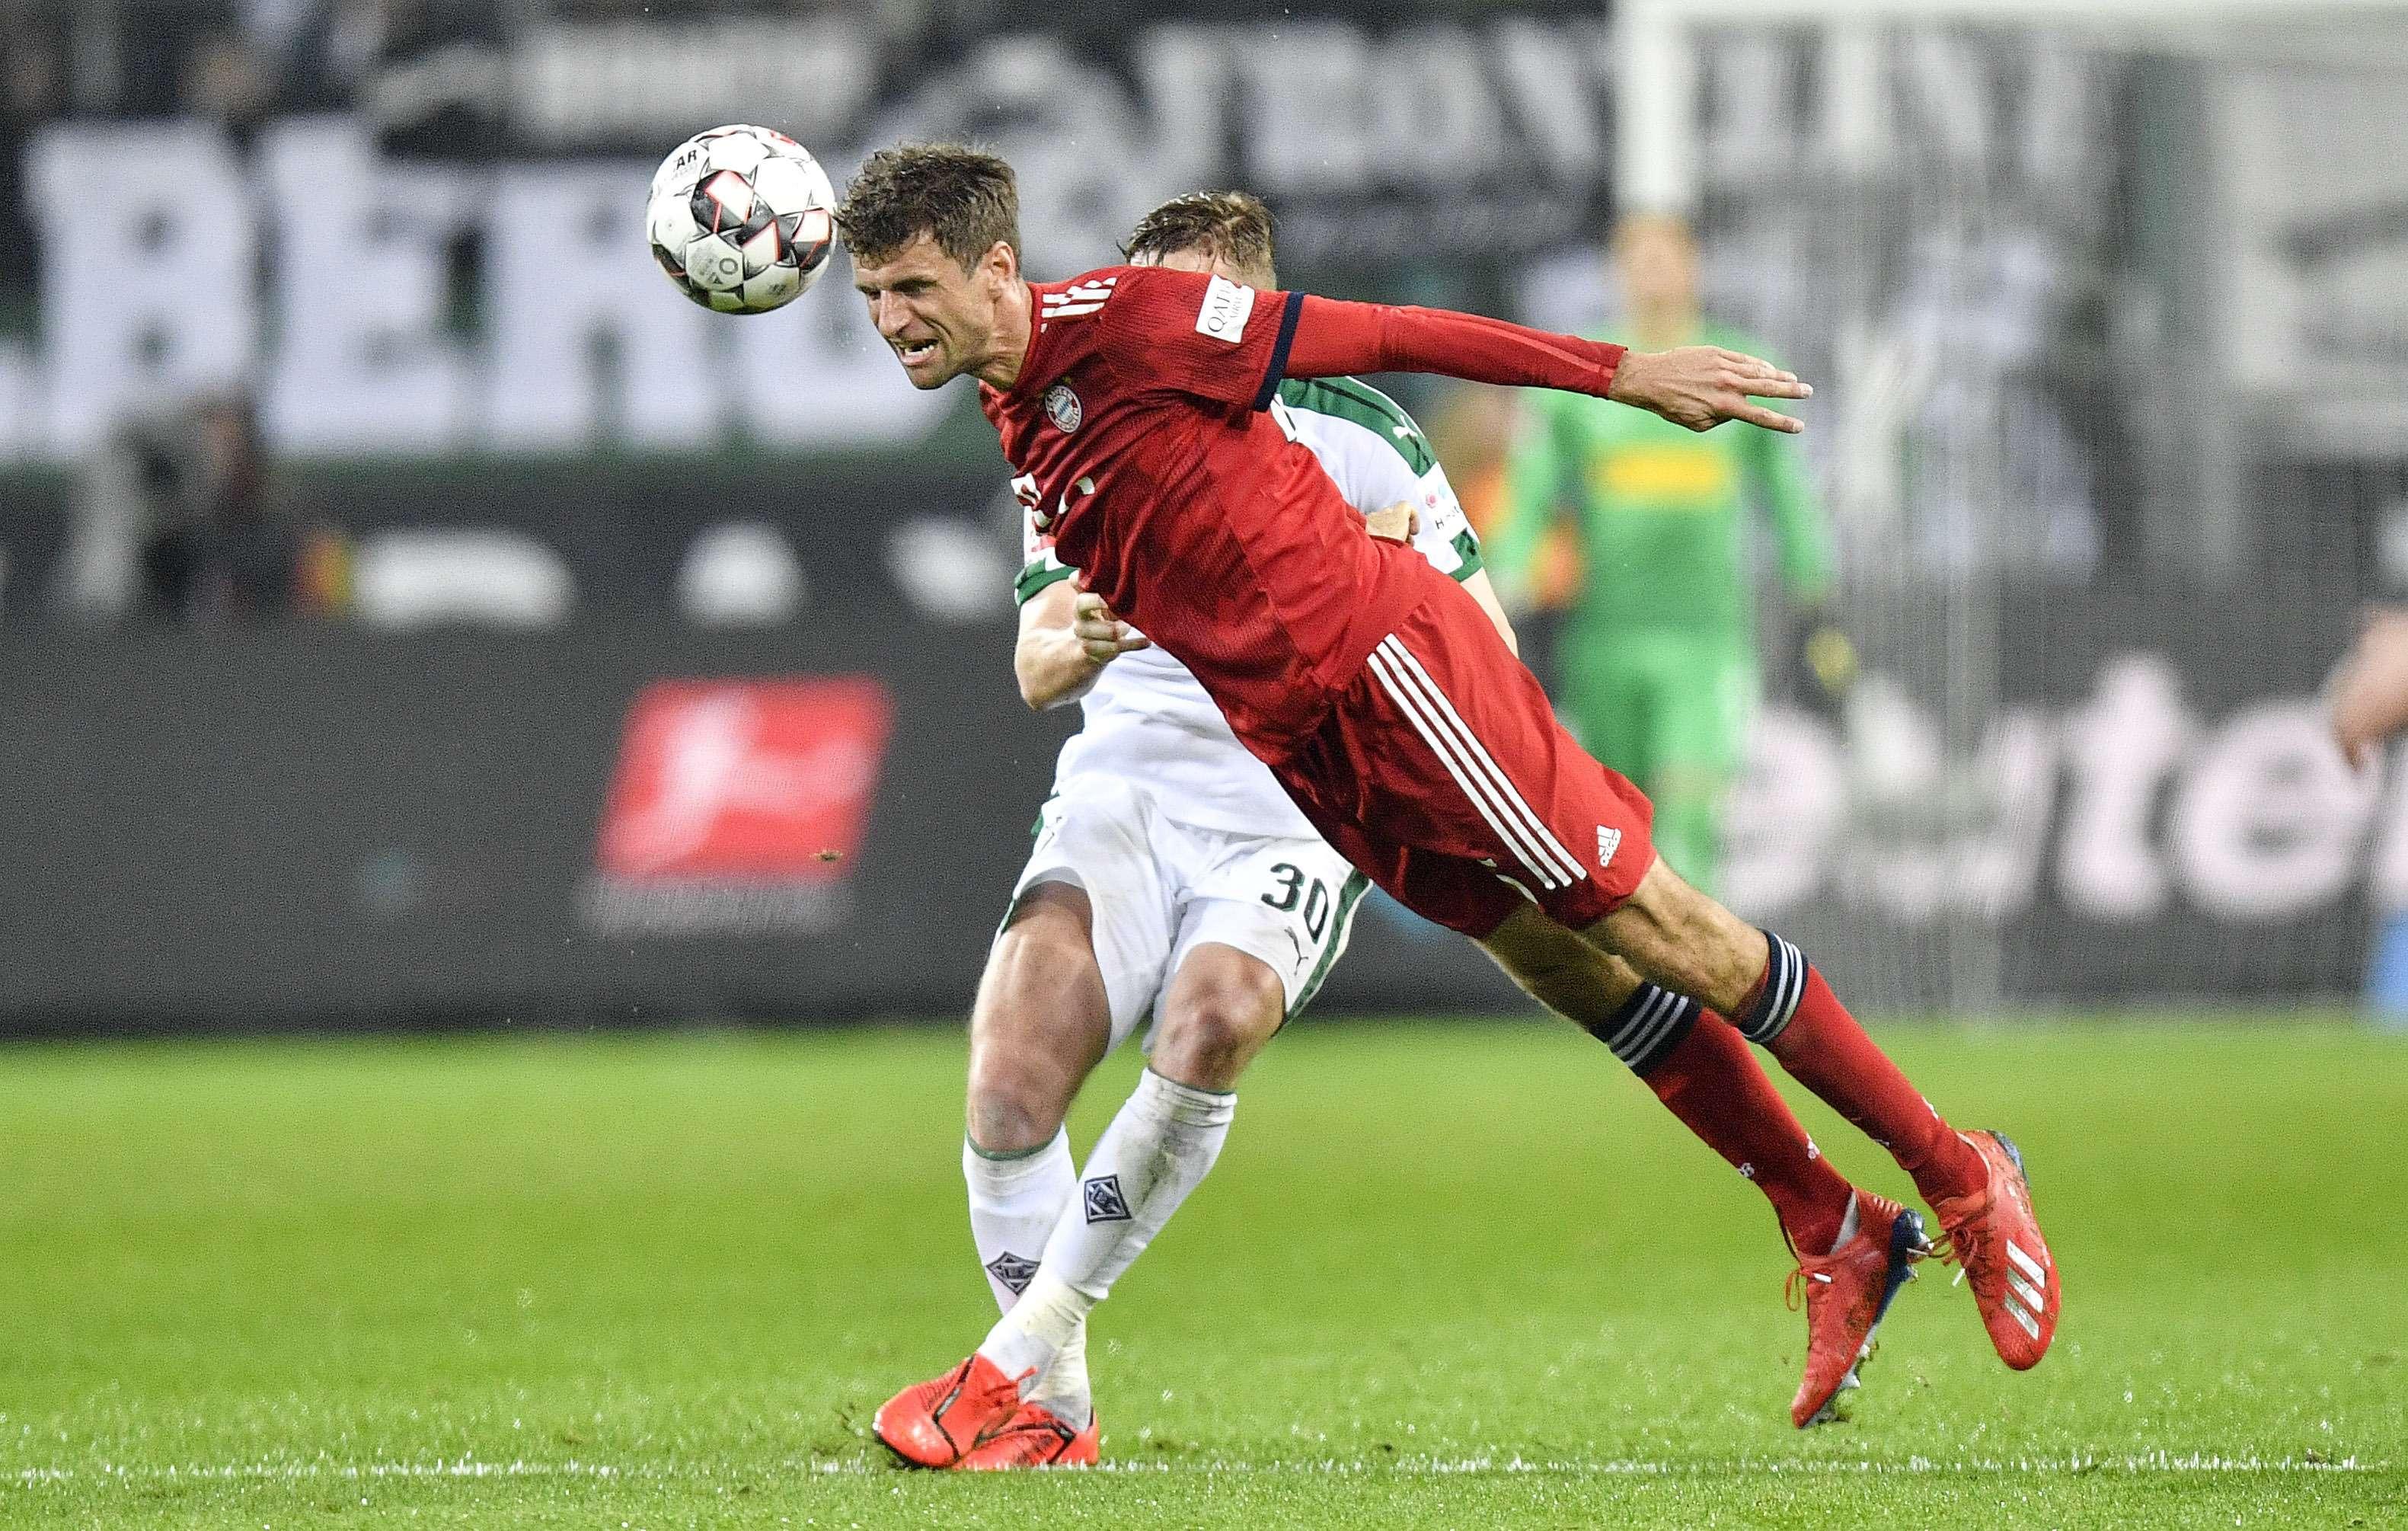 Bayern irritado con Loew tras descarte de tres jugadores